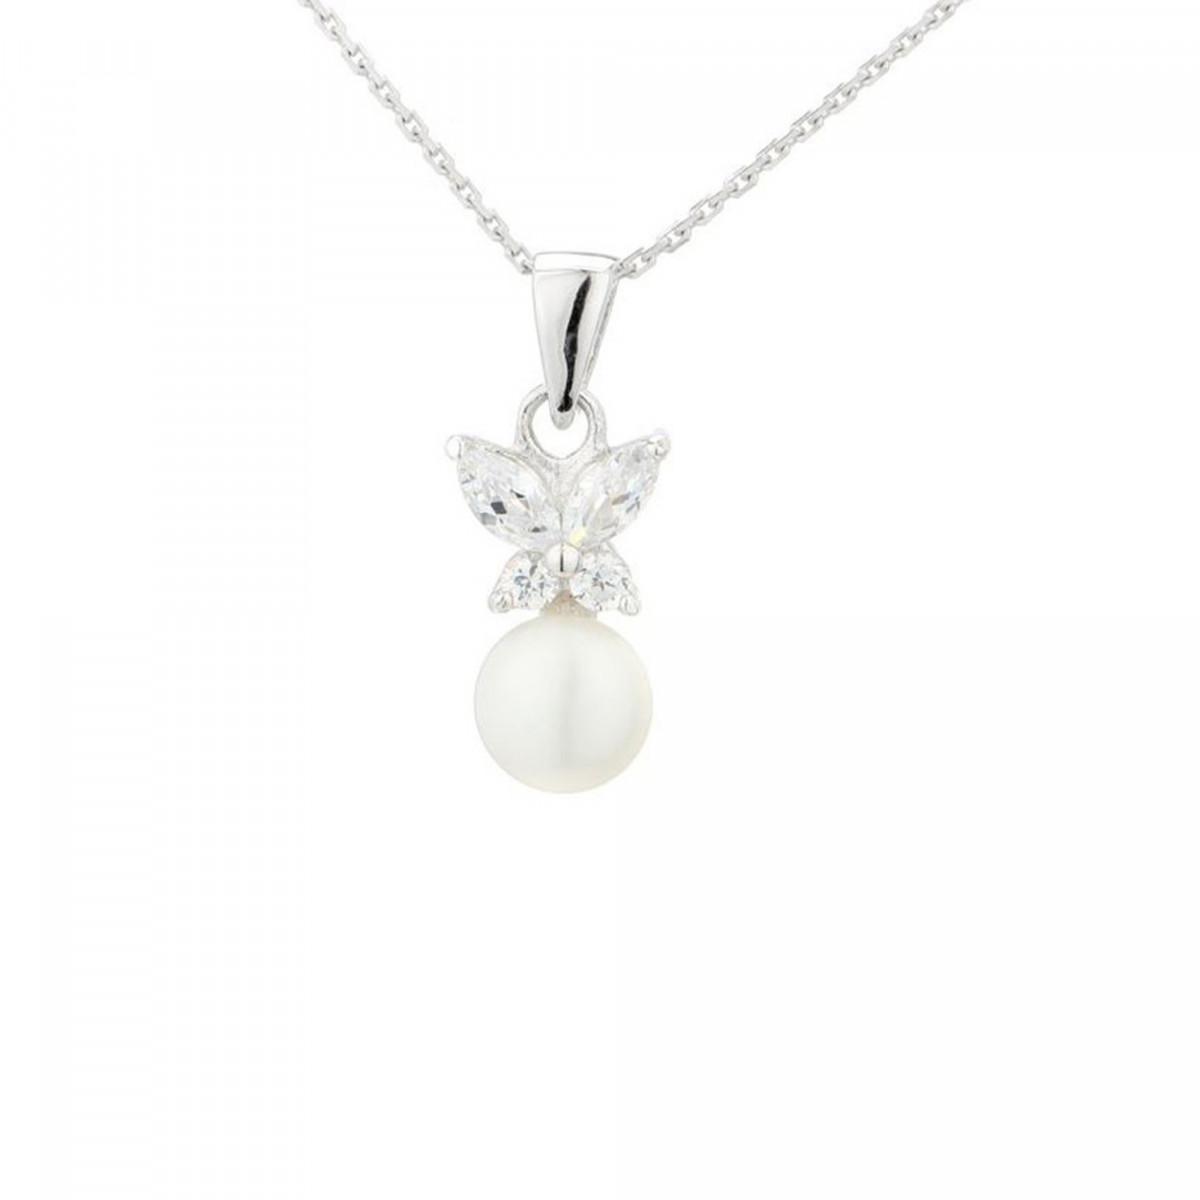 """Pendentif argent, perle de culture blanche et oxydes de zirconium """"Papillons pearls"""" + chaîne argent offerte"""